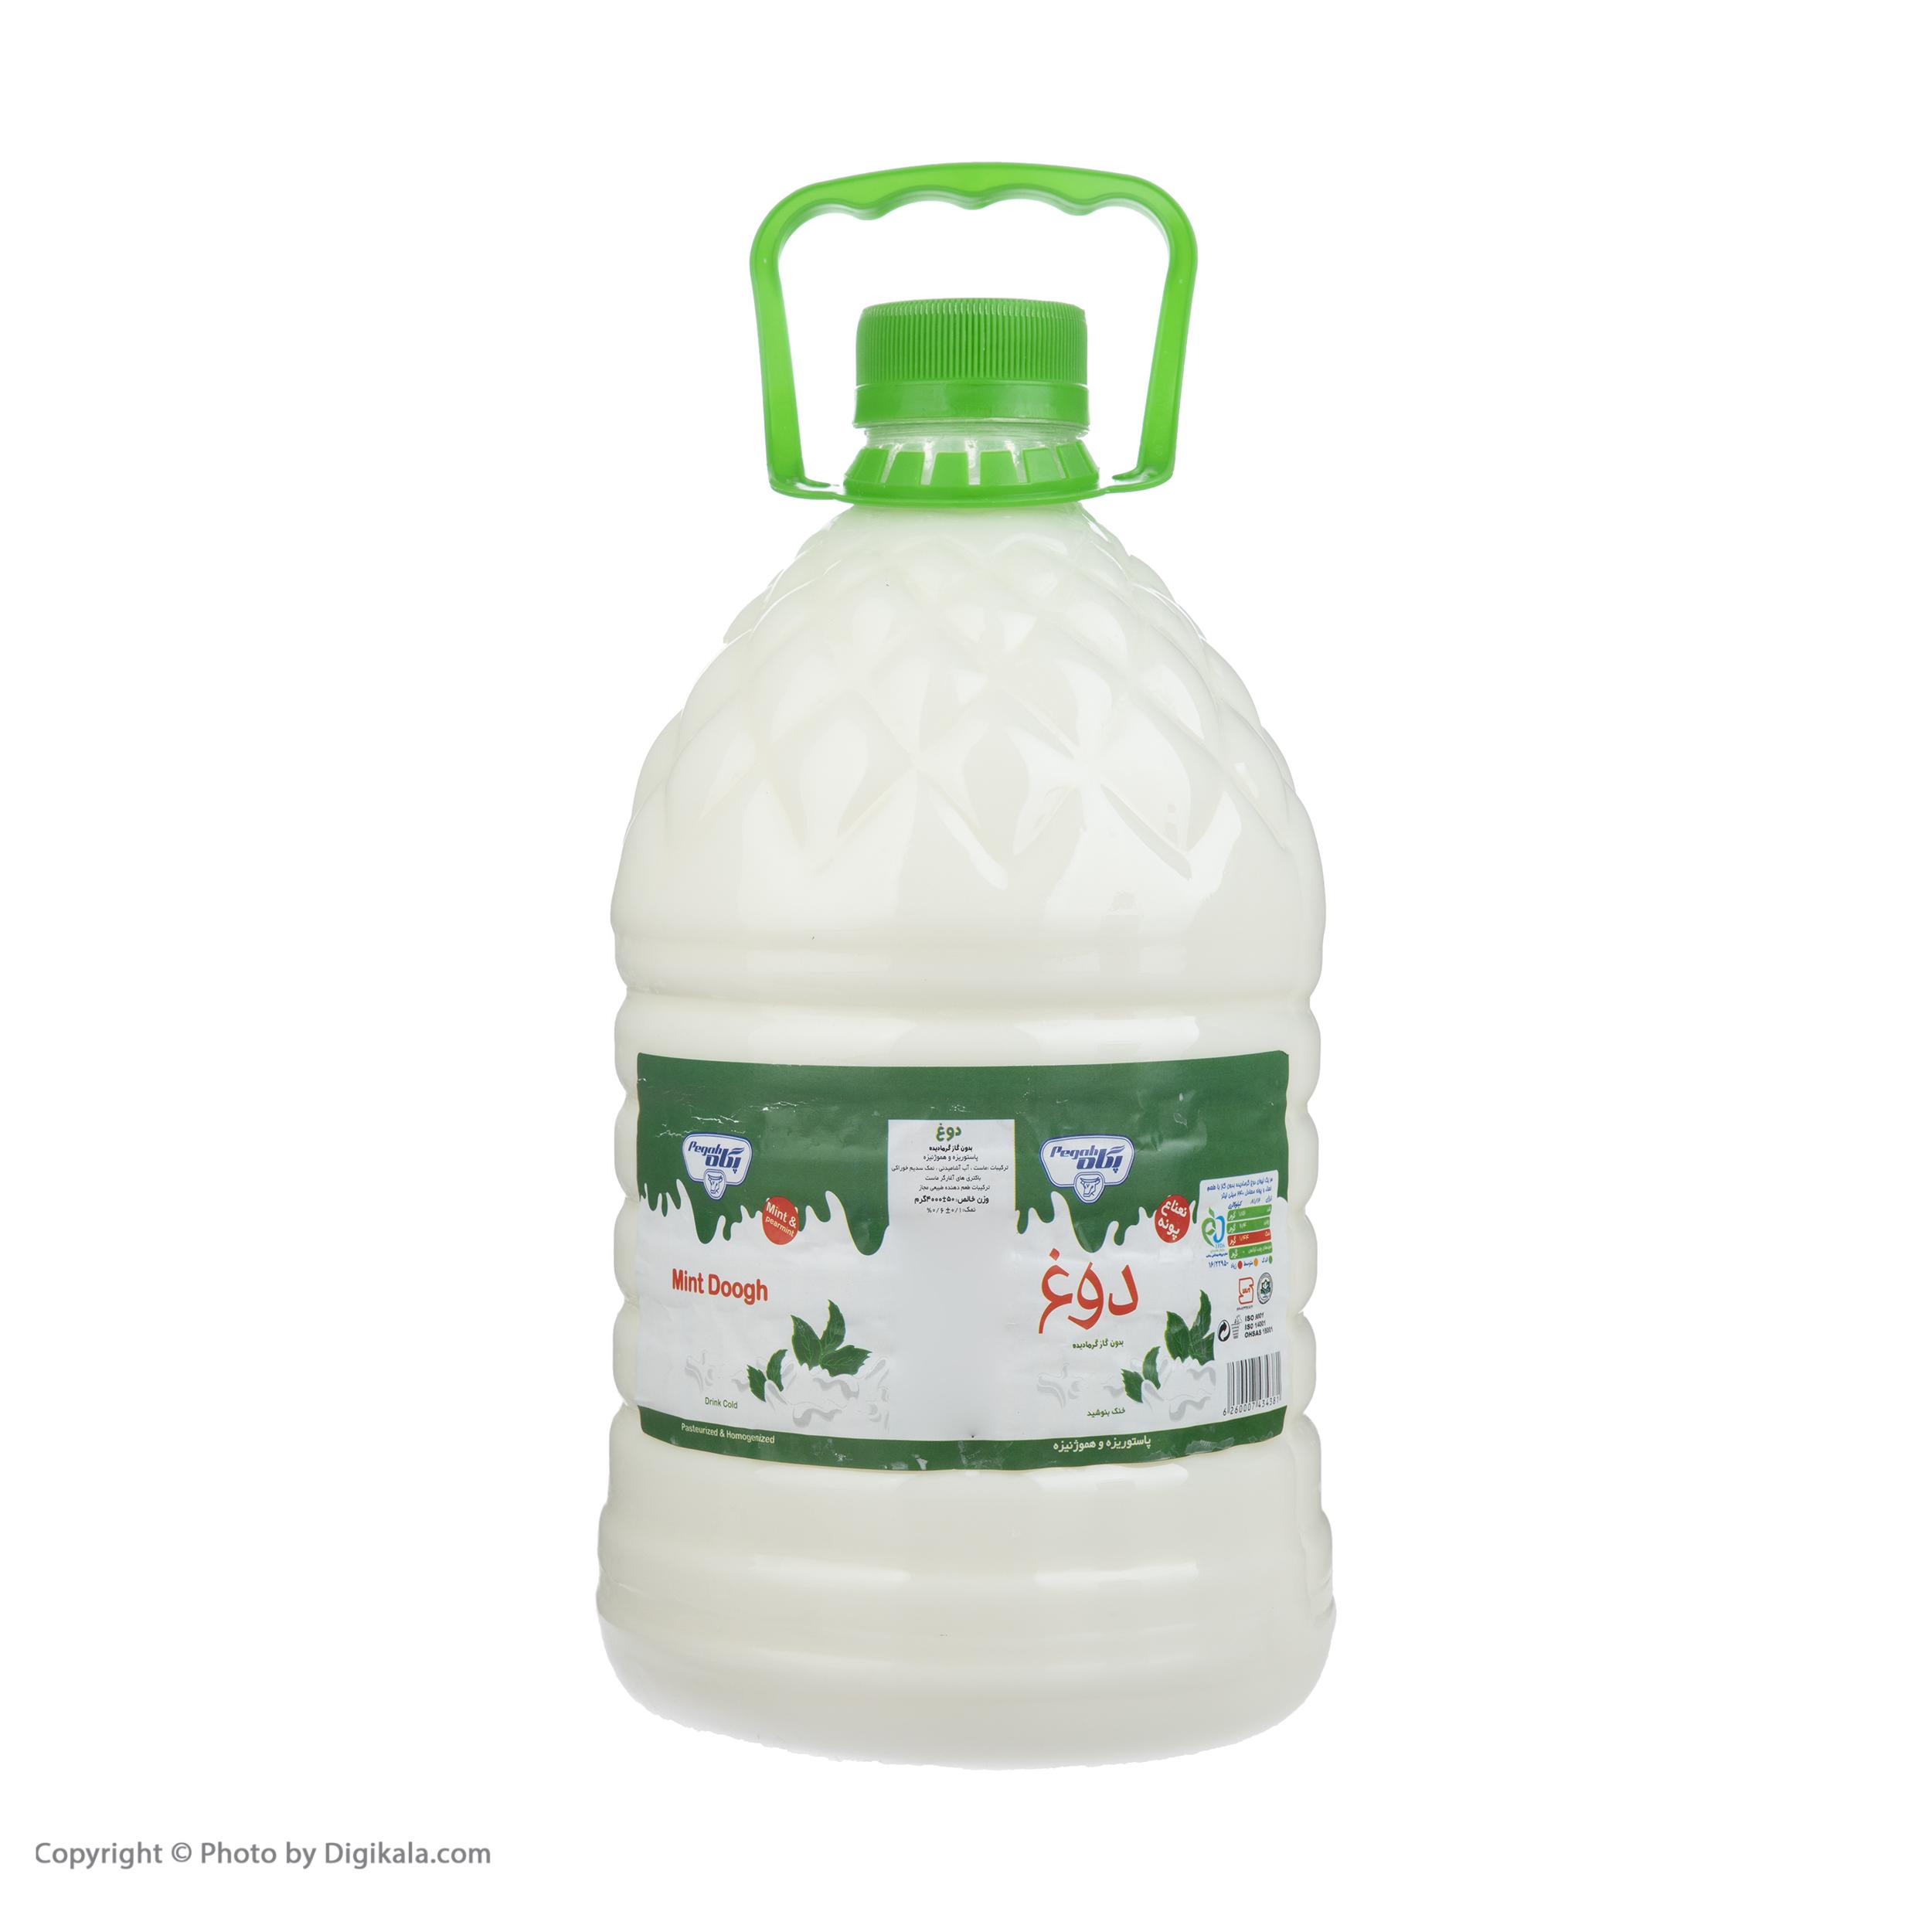 دوغ بدون گاز پگاه با طعم نعنا - 4 کیلوگرم